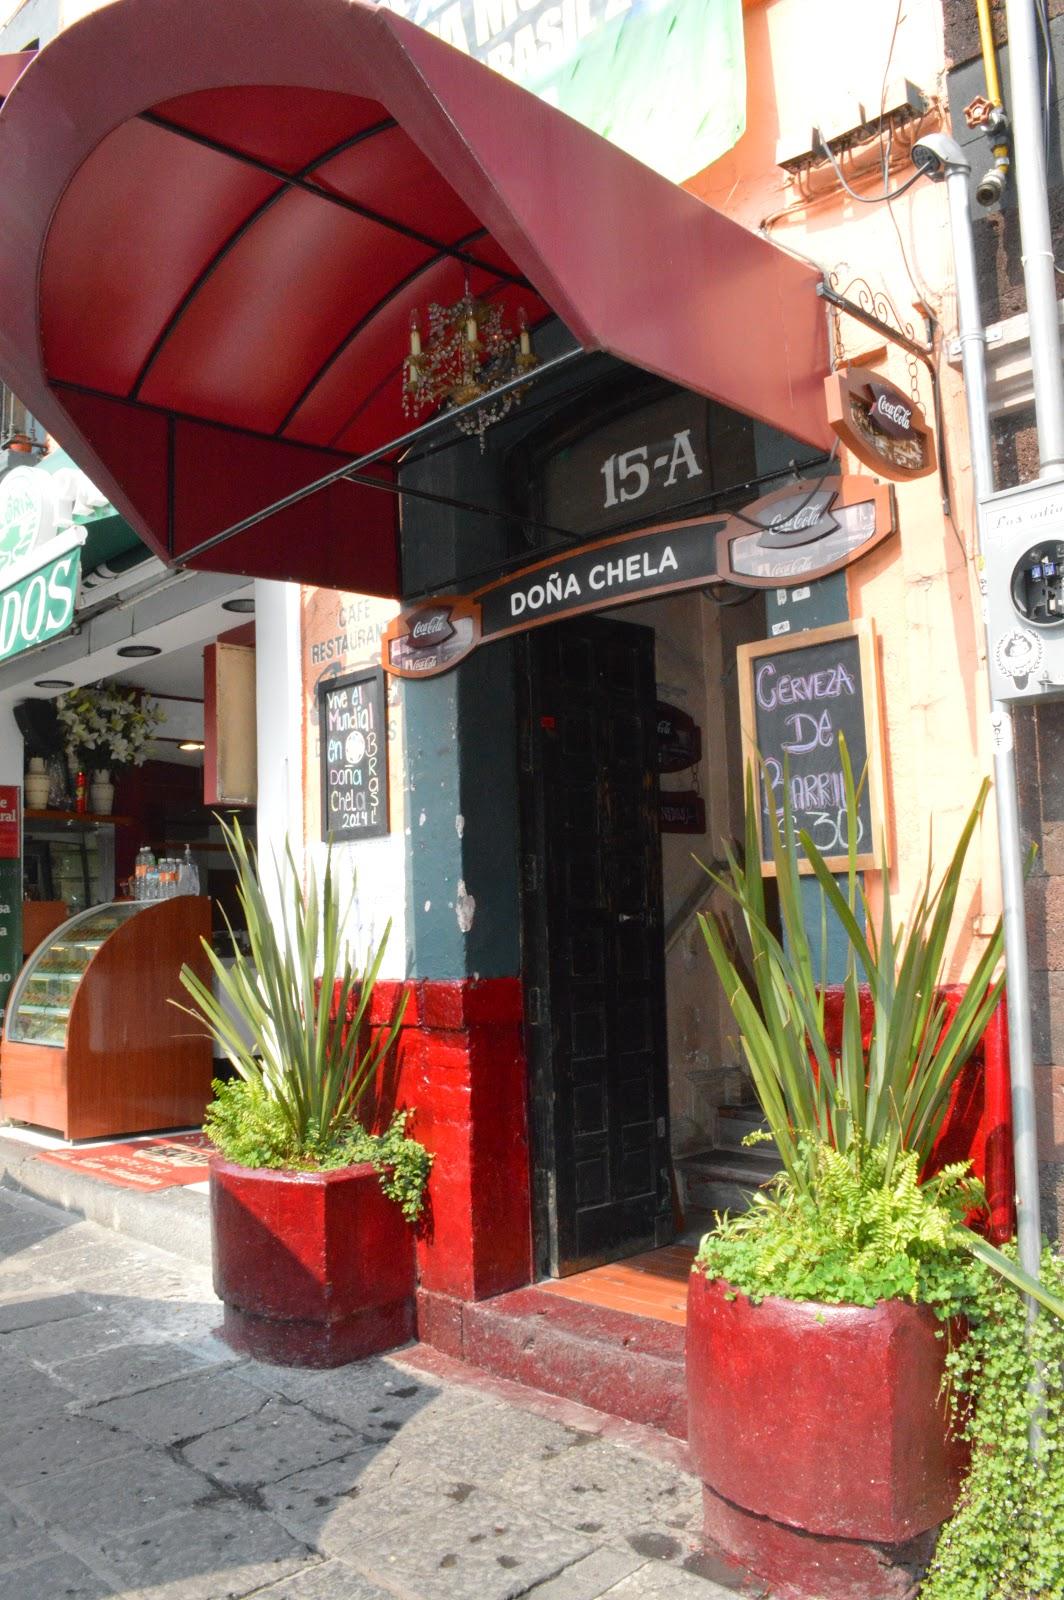 Prueba Final M S Cerveza Con Do A Chela Cervantes En Coyoac N # Muebles Coyoacan